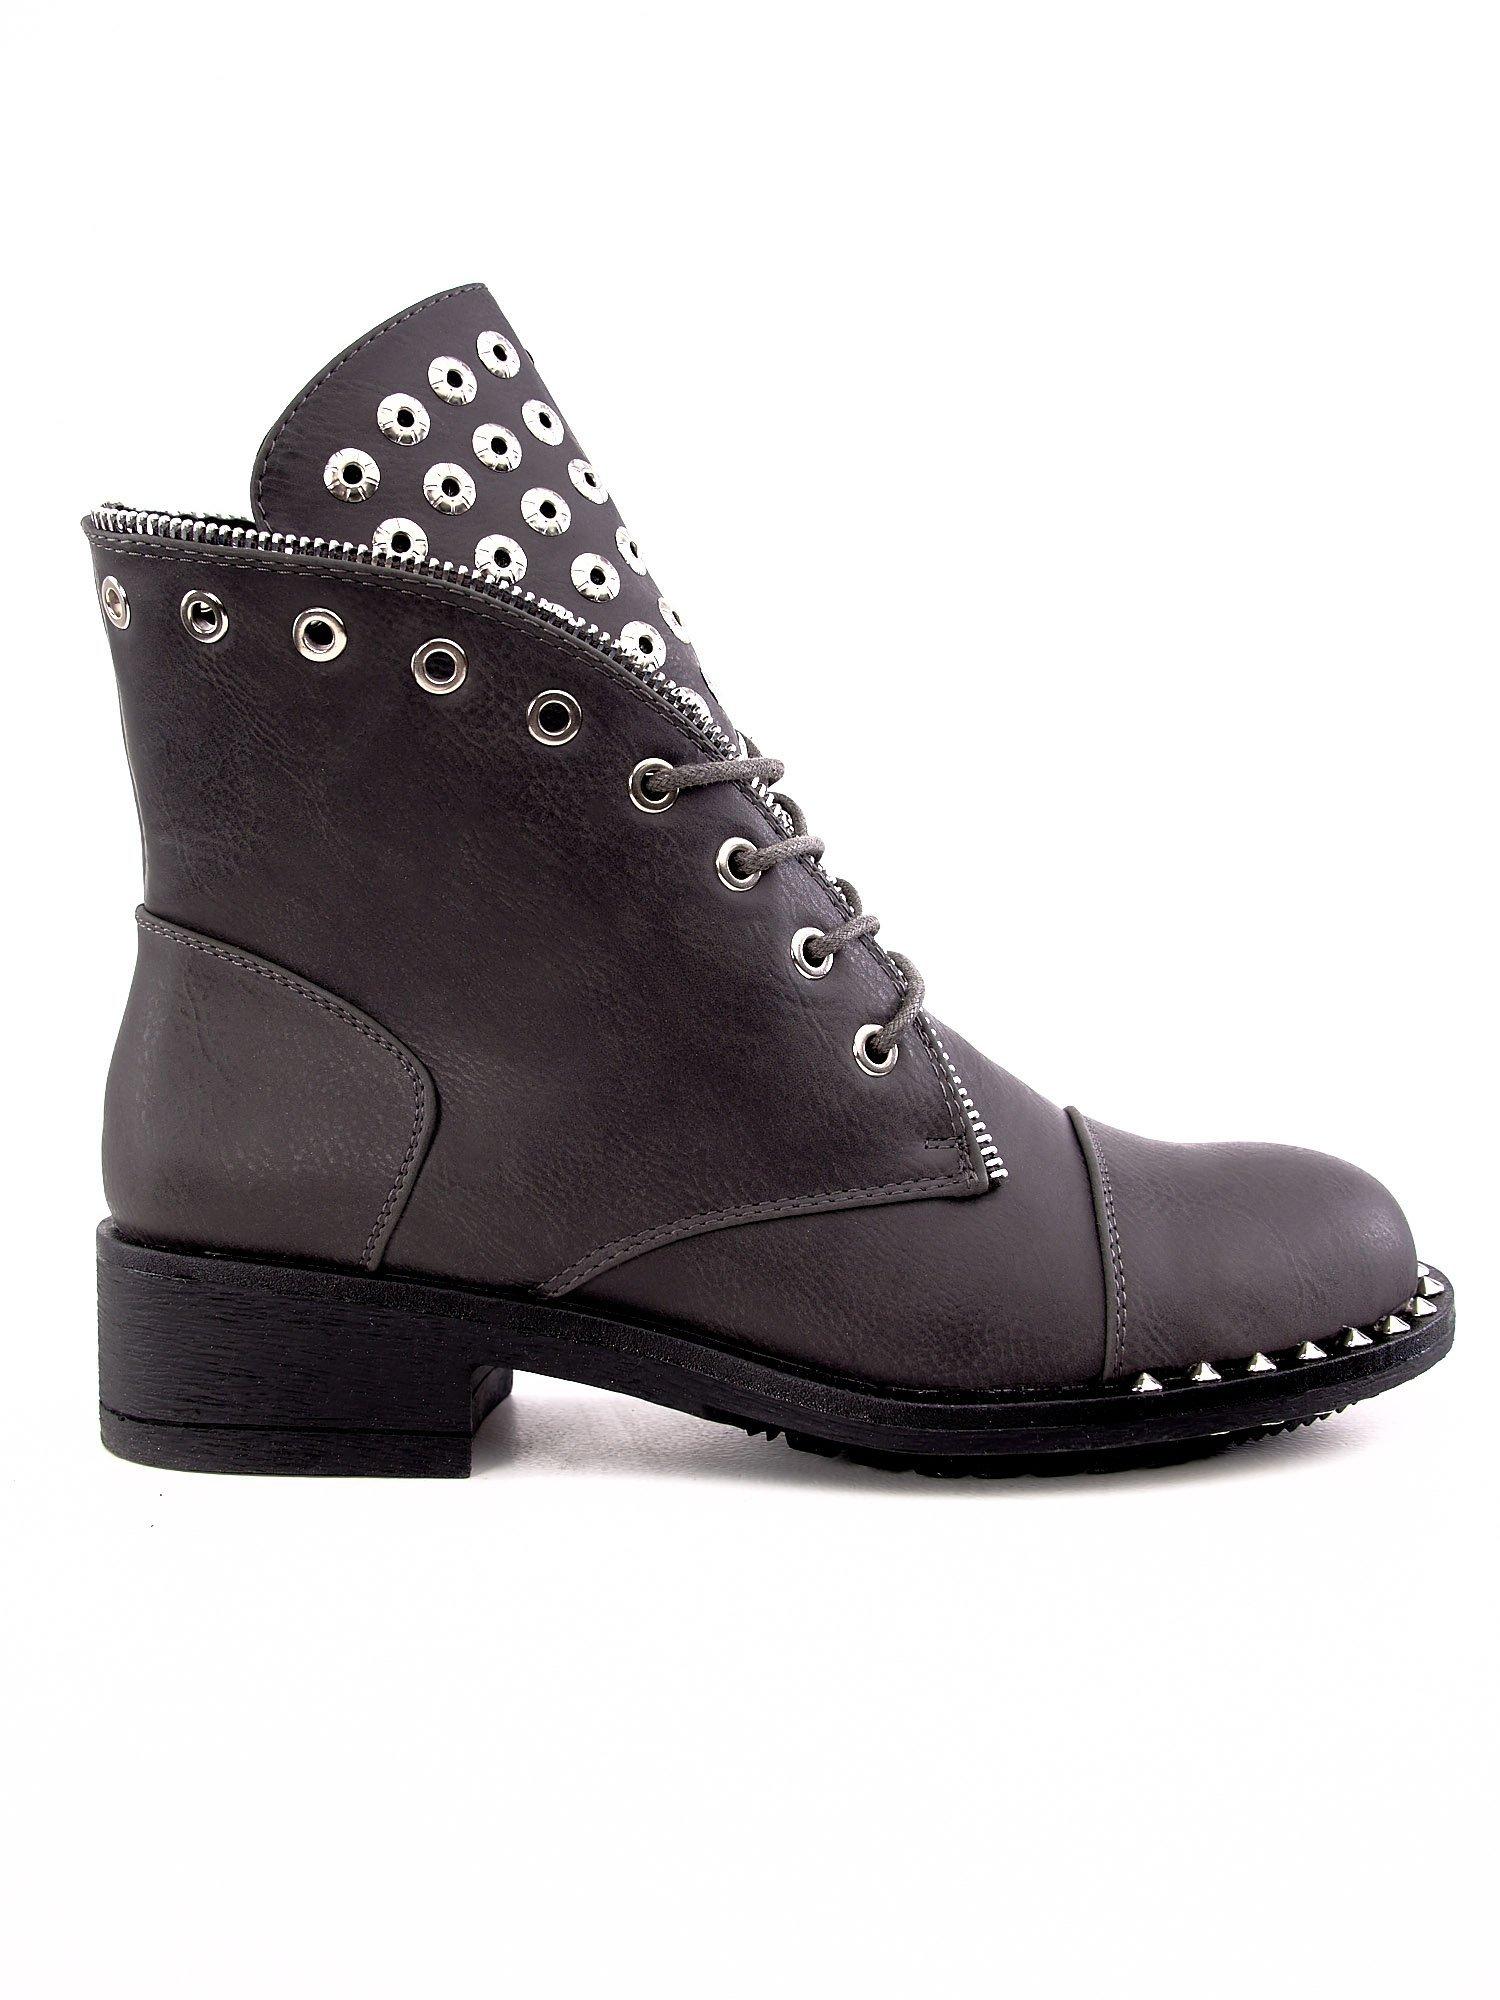 Šedé boty s cvočky